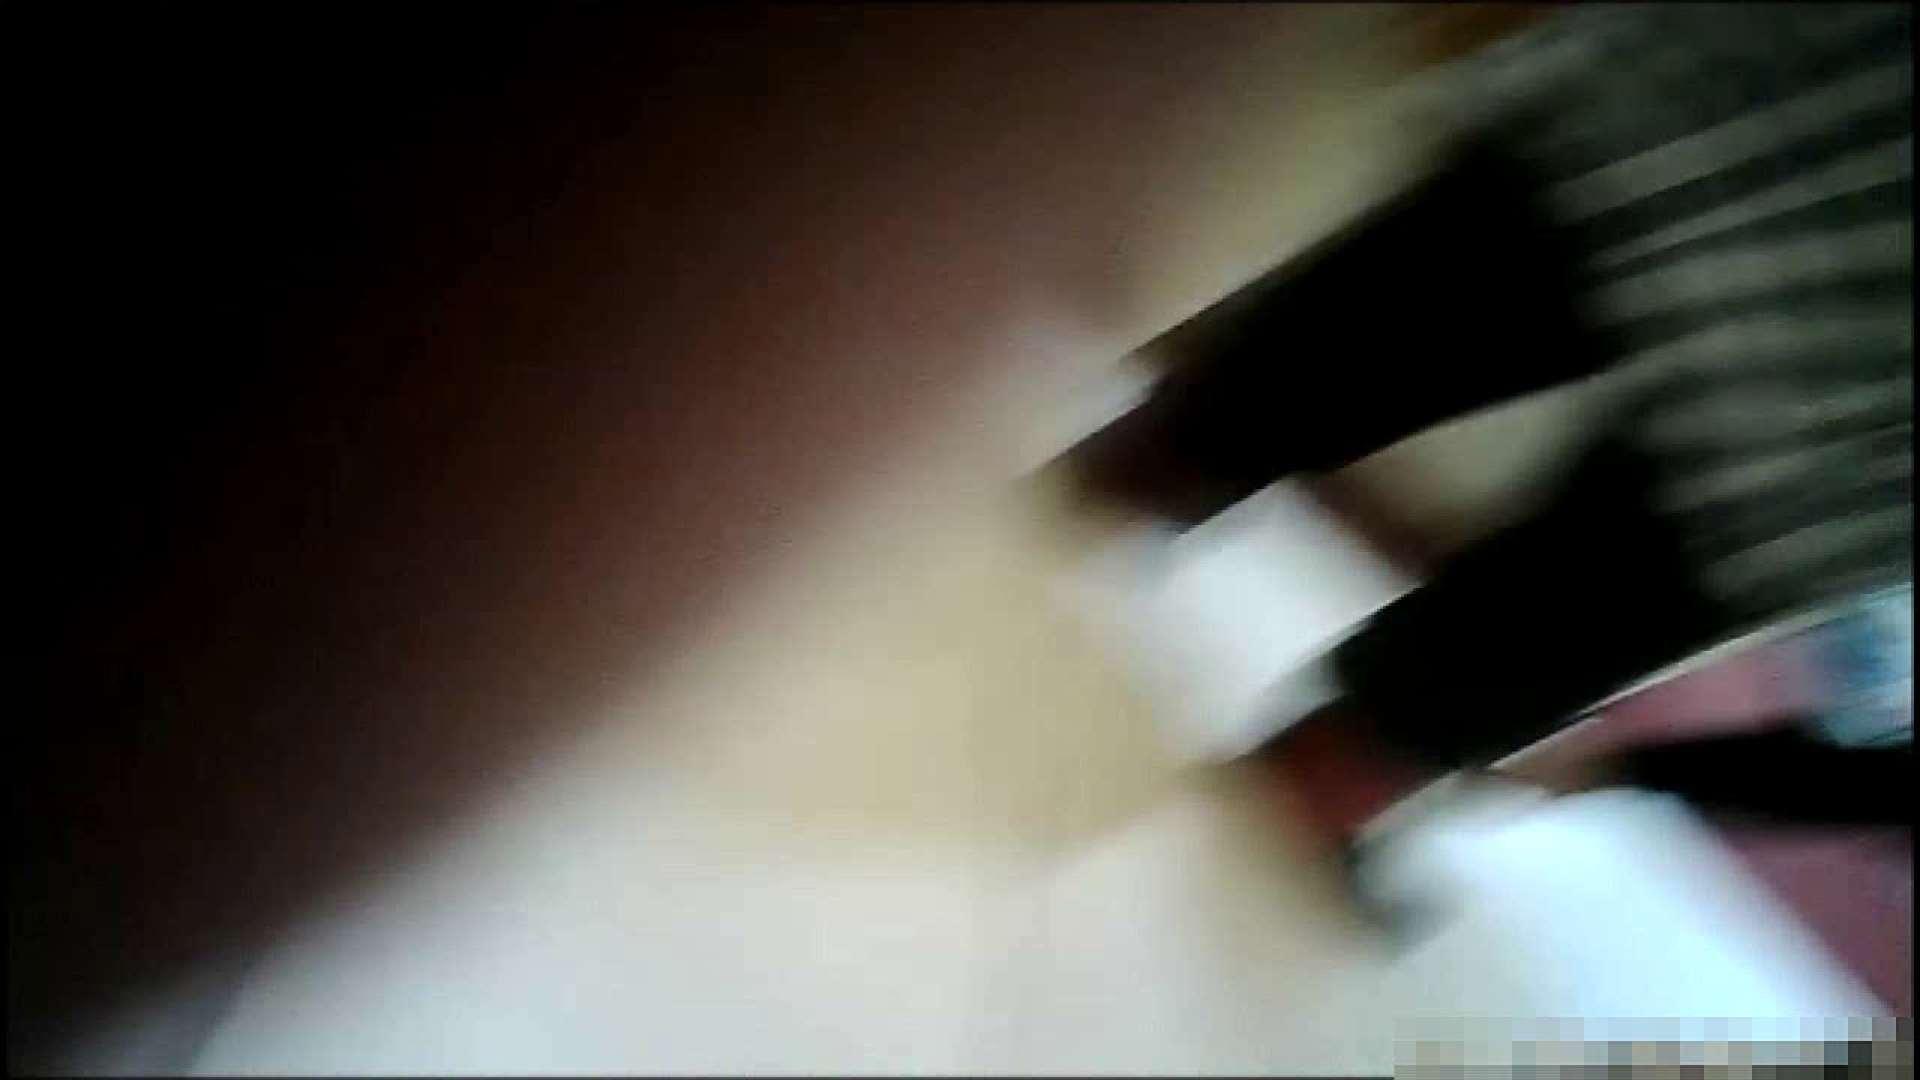 オマンコ丸見え:NO.1 普段から胸元がゆるい友達【某ファッションビル内の雑貨屋】:怪盗ジョーカー